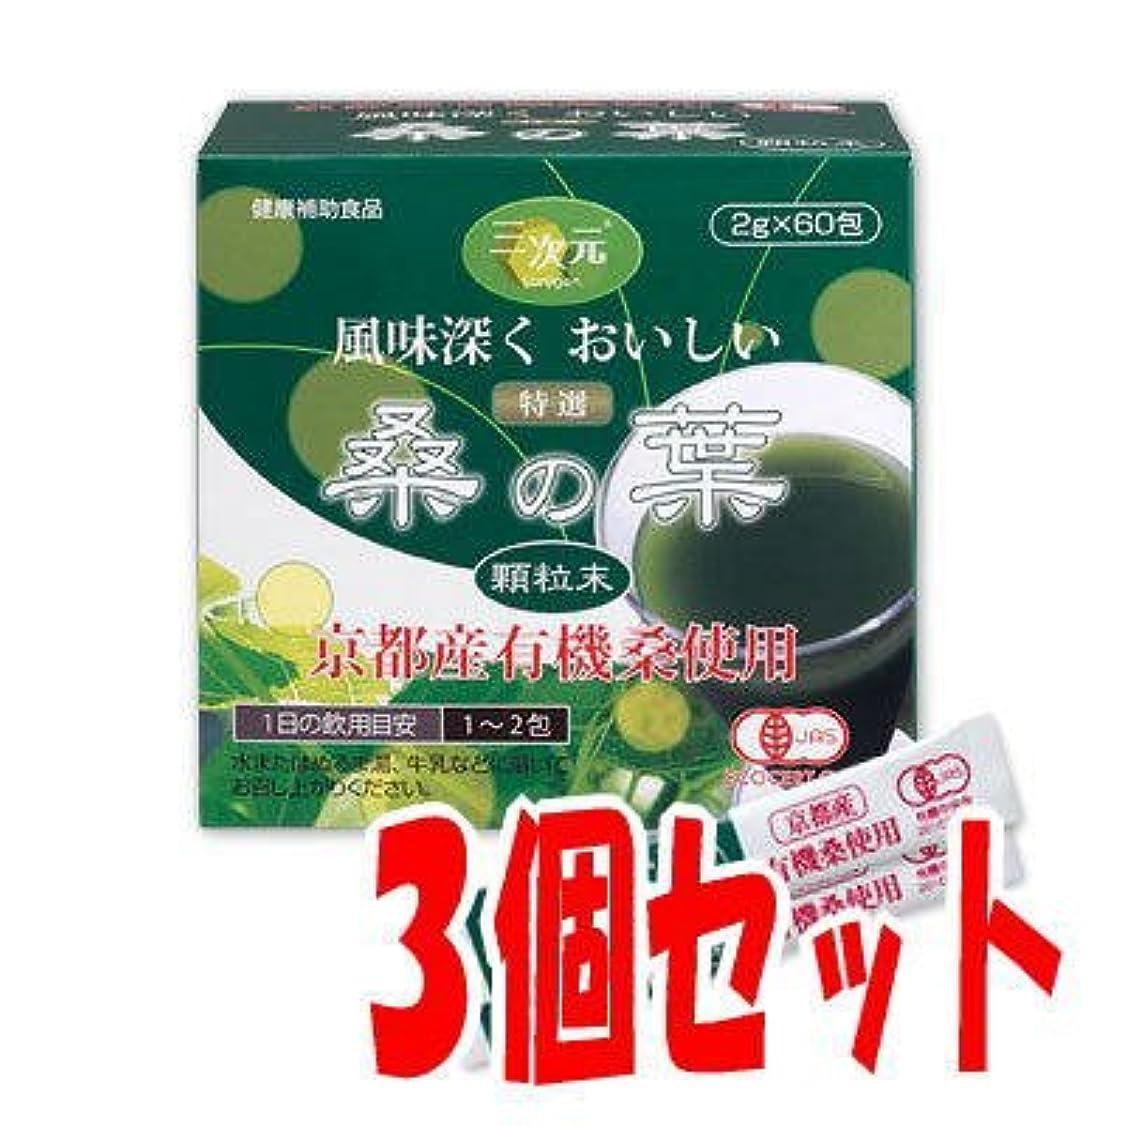 アセ症候群あまりにも特選「桑の葉」顆粒末1箱60包入×3箱セット 国産(京都産)有機桑使用 苦くなく風味深くおいしい青汁